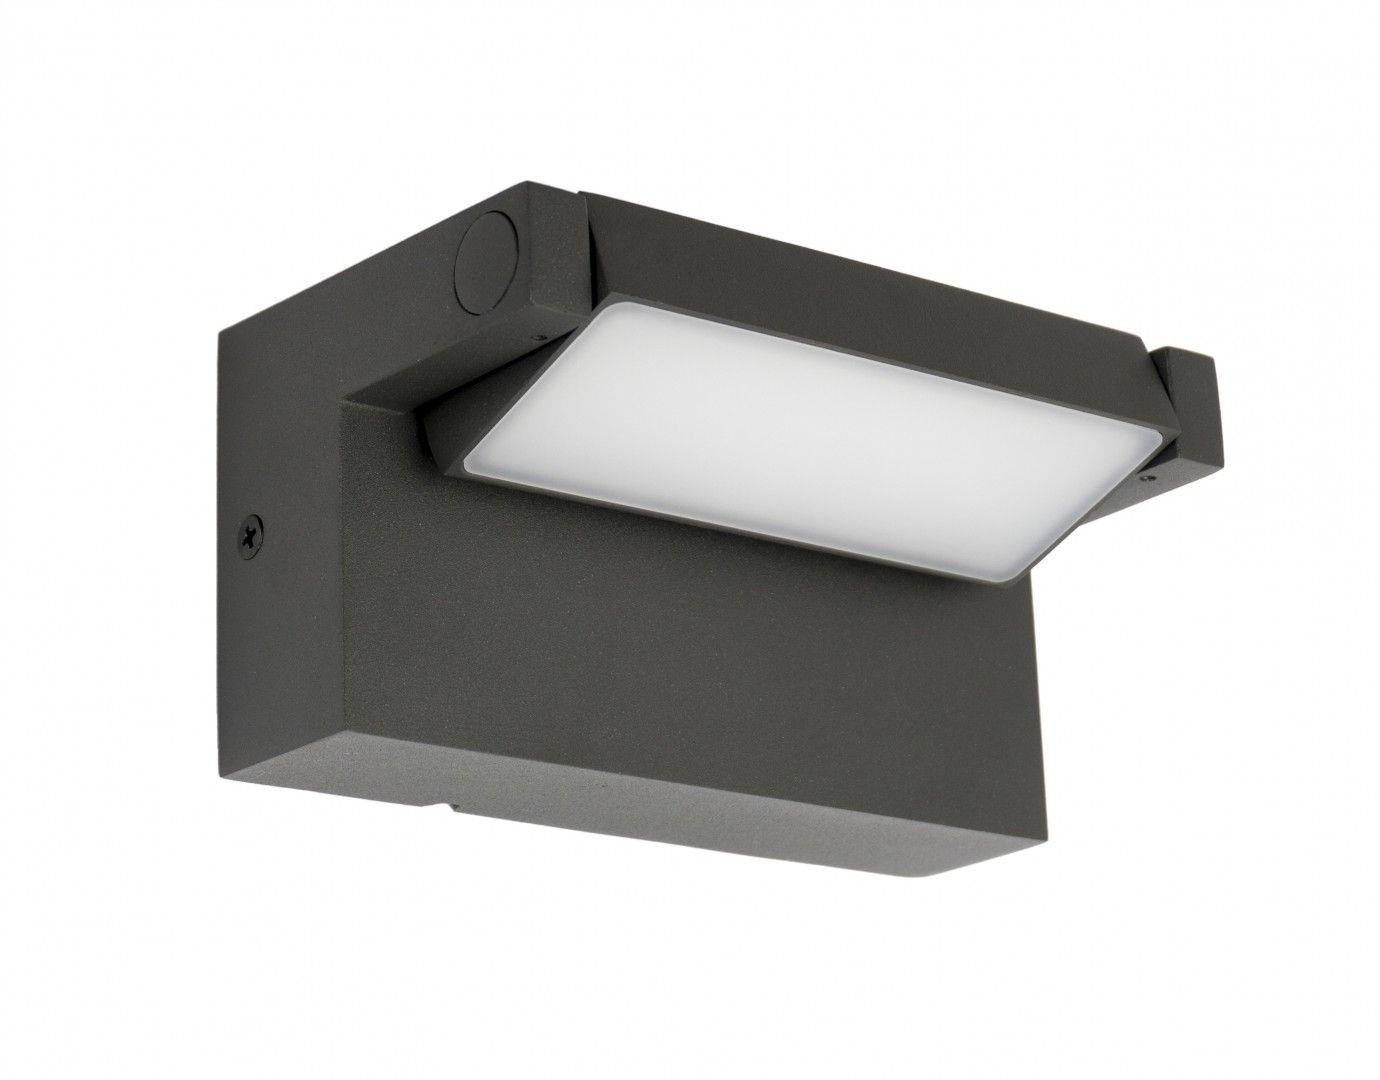 Kinkiet elewacyjny LED regulowany IP54 Rota antracyt RT-K100 - Su-ma Do -17% rabatu w koszyku i darmowa dostawa od 299zł !